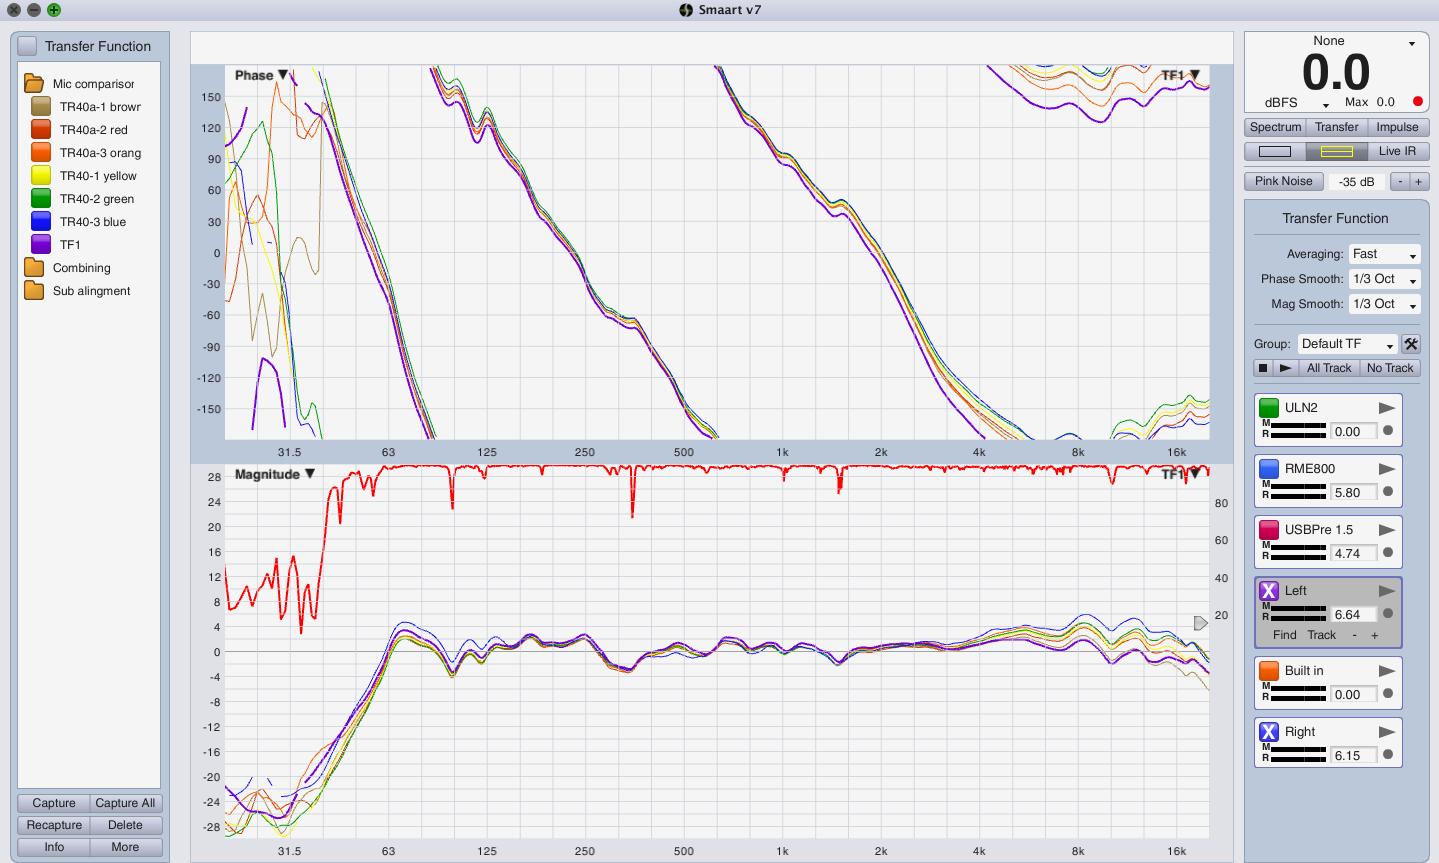 Audix measurement mic comparison offsets